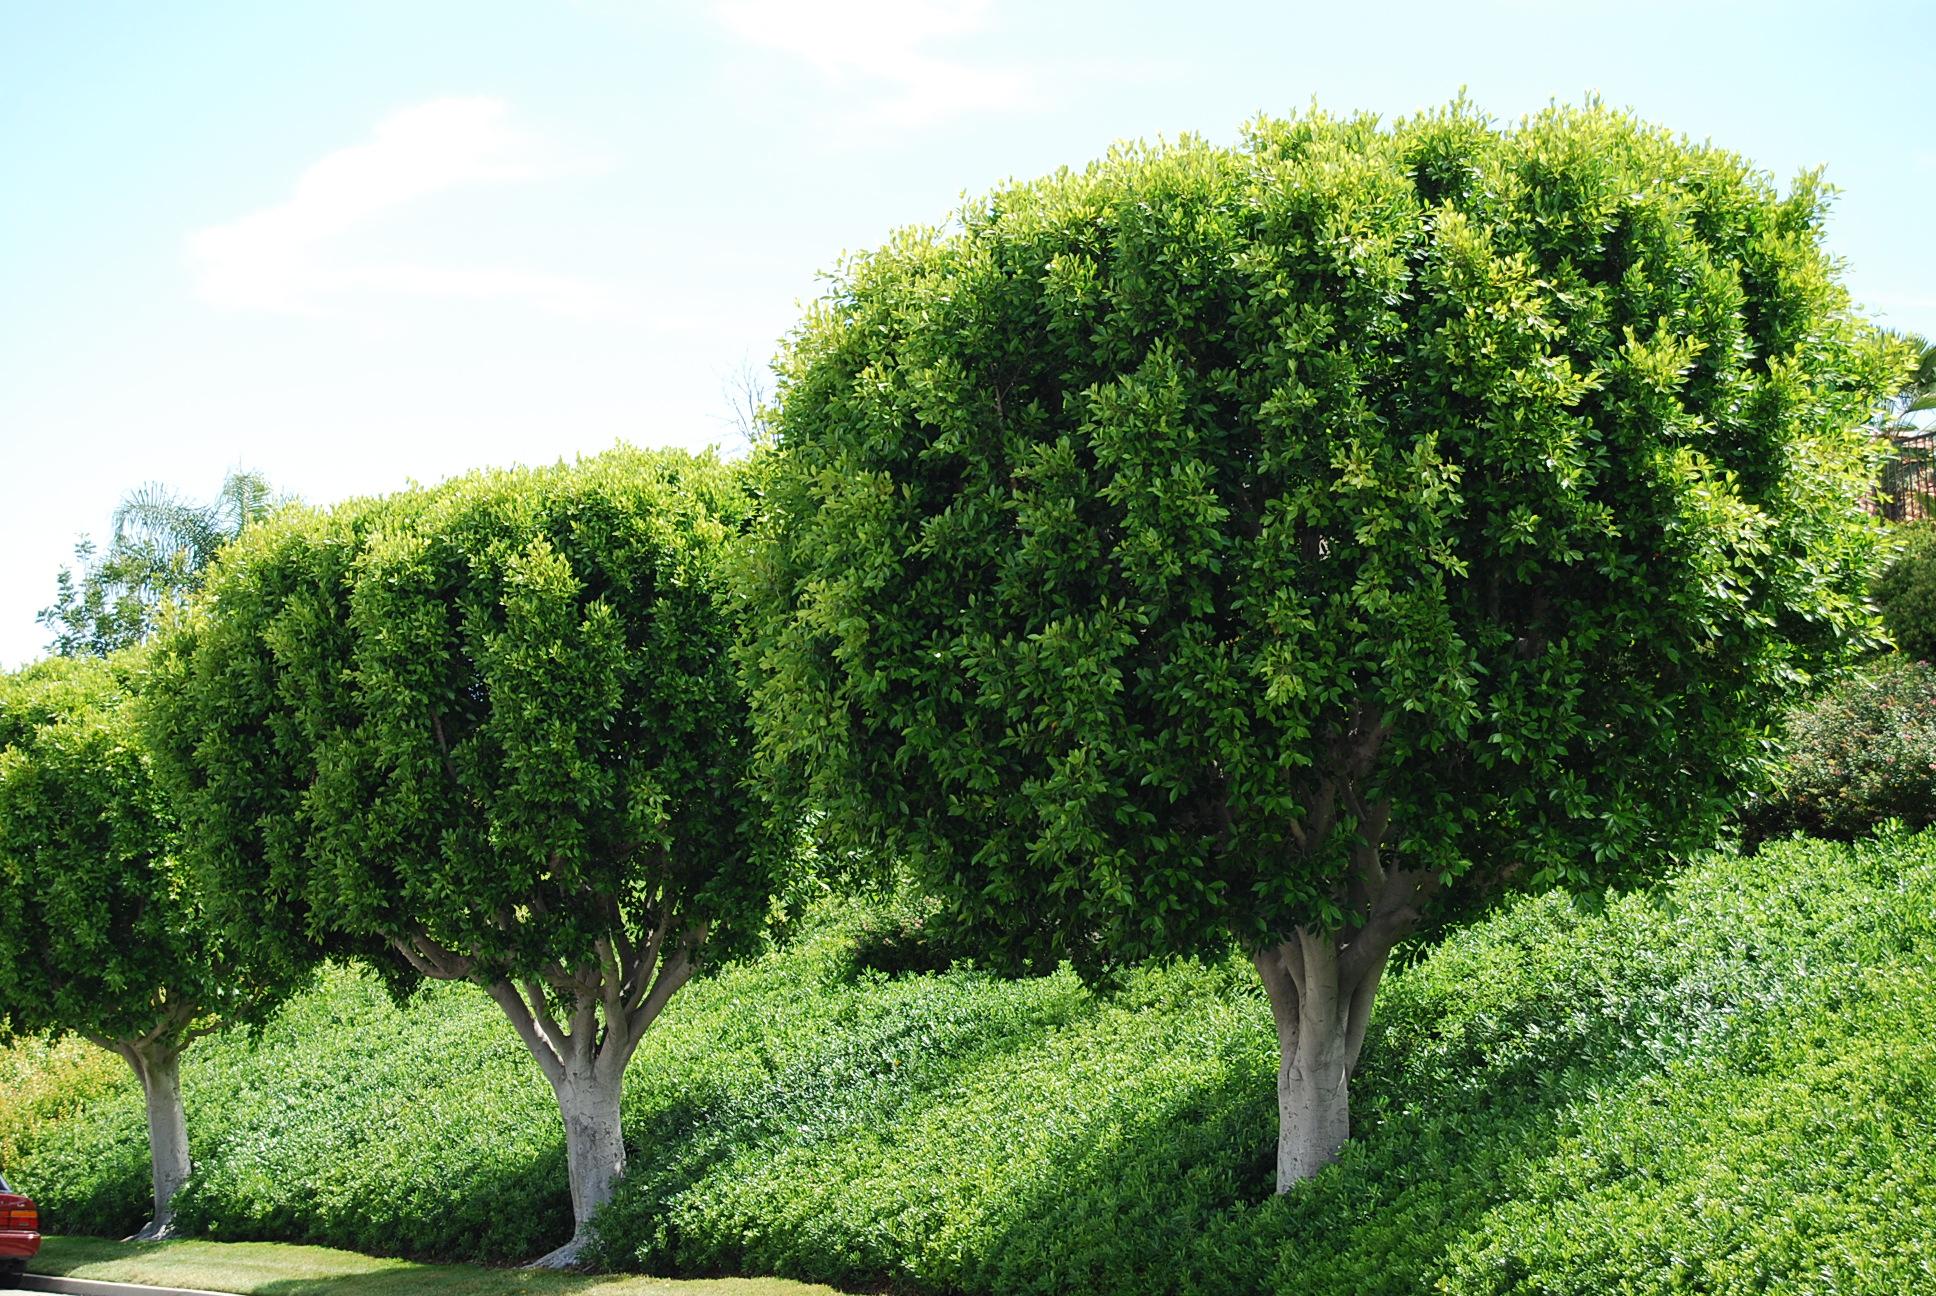 Ficus along Tindaya